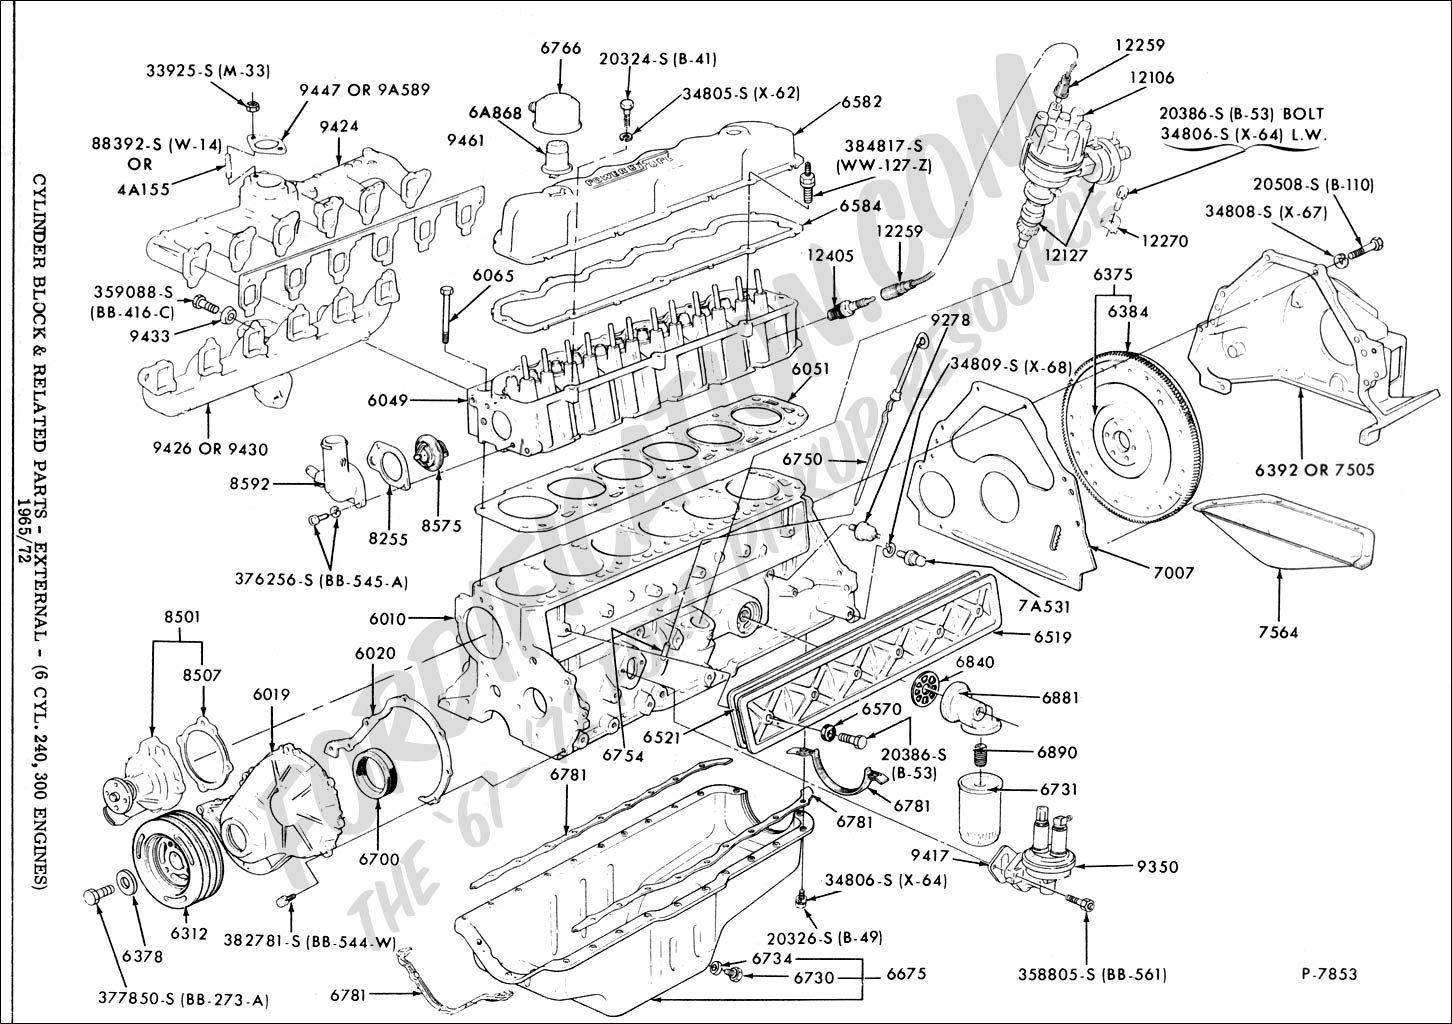 Inline 6 Cylinder Engine Diagram | Online Wiring Diagram